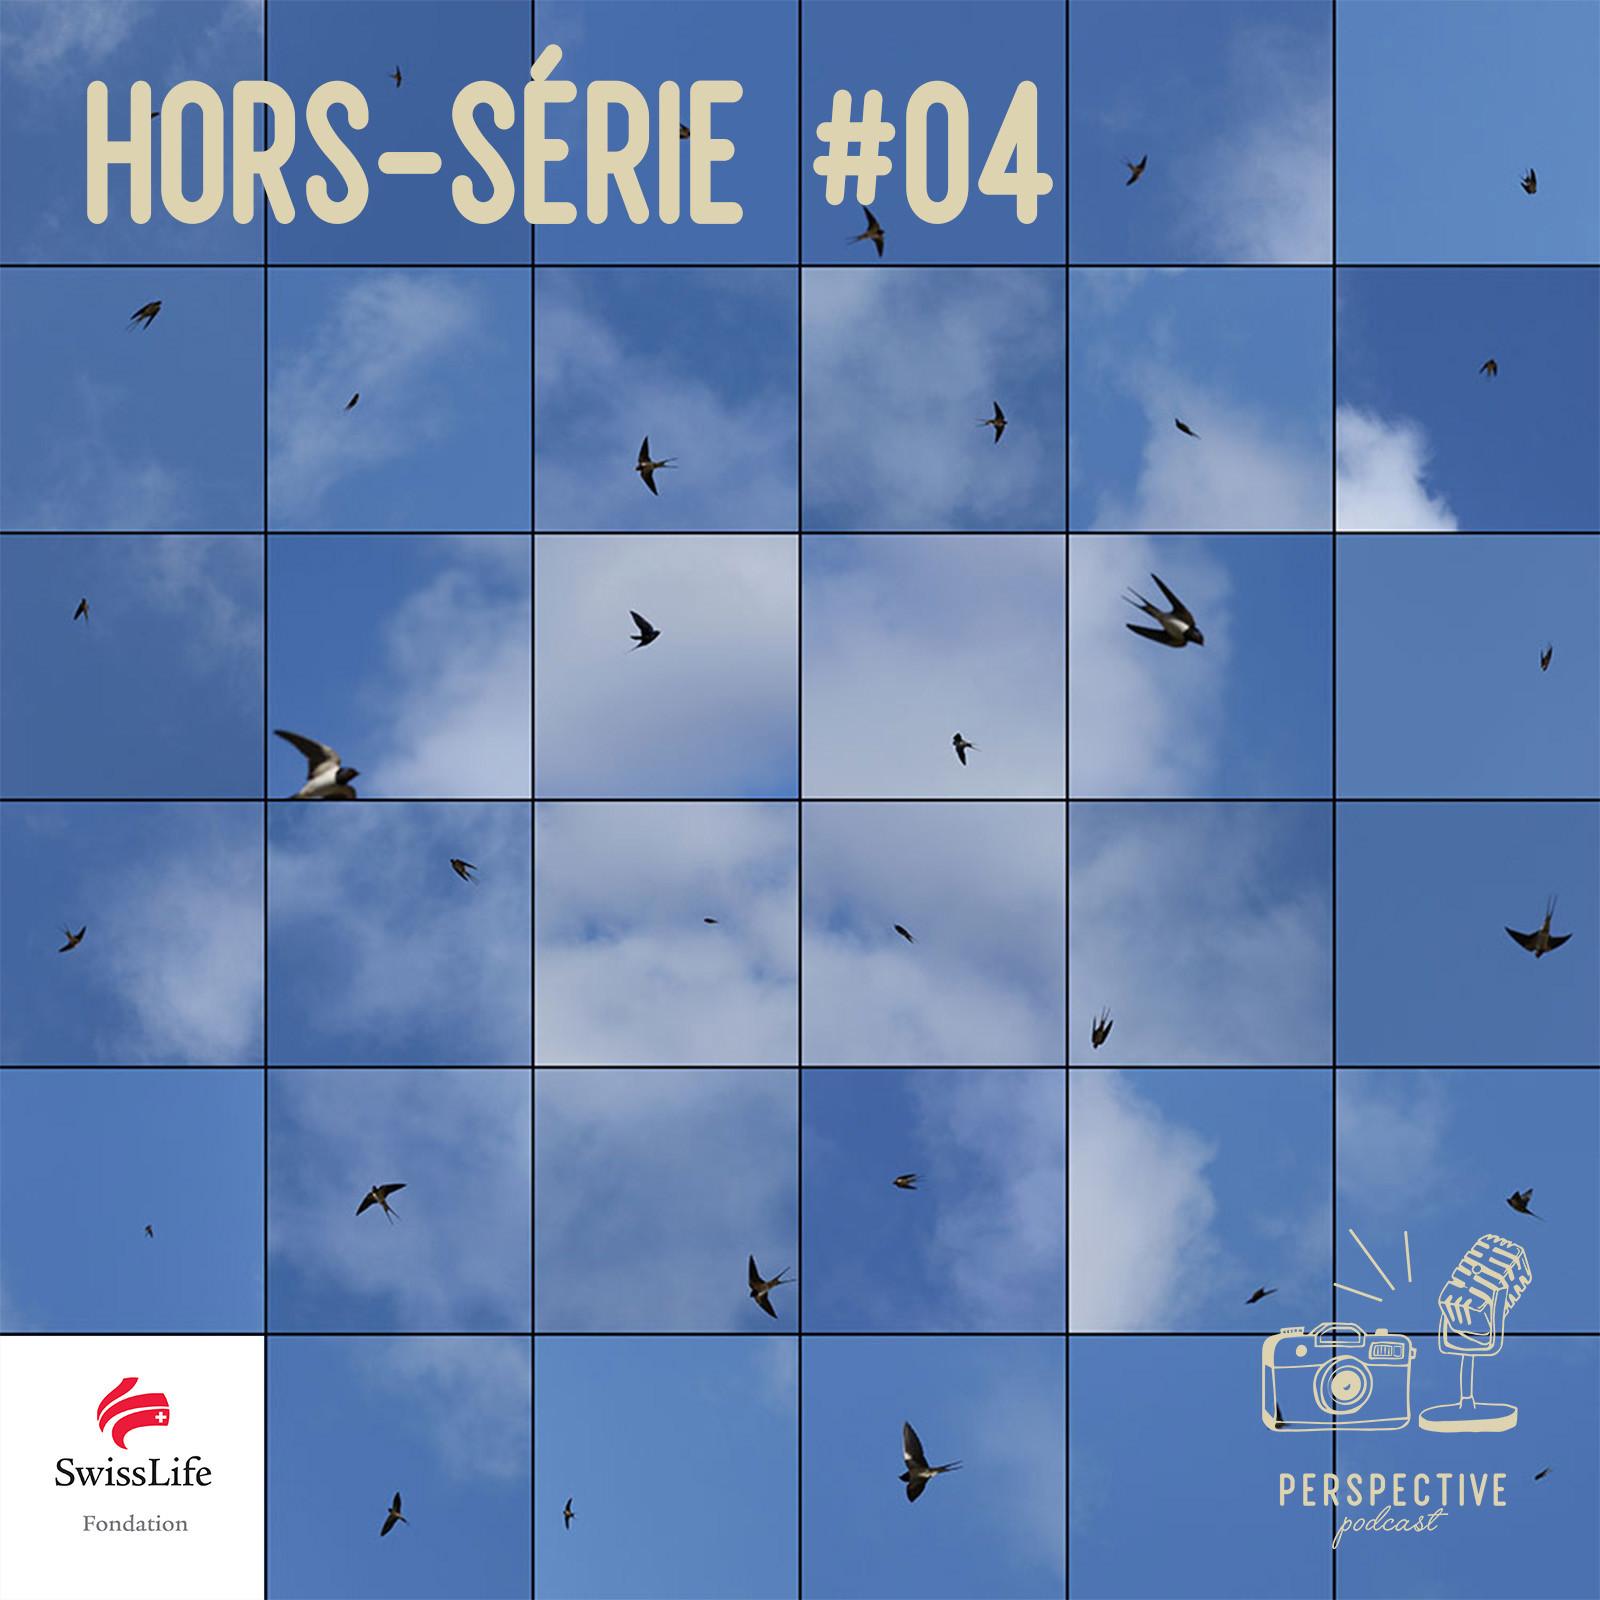 HS #4 | Le Bleu du Ciel | Variation onirique en image et en musique sur le vol de l'hirondelle